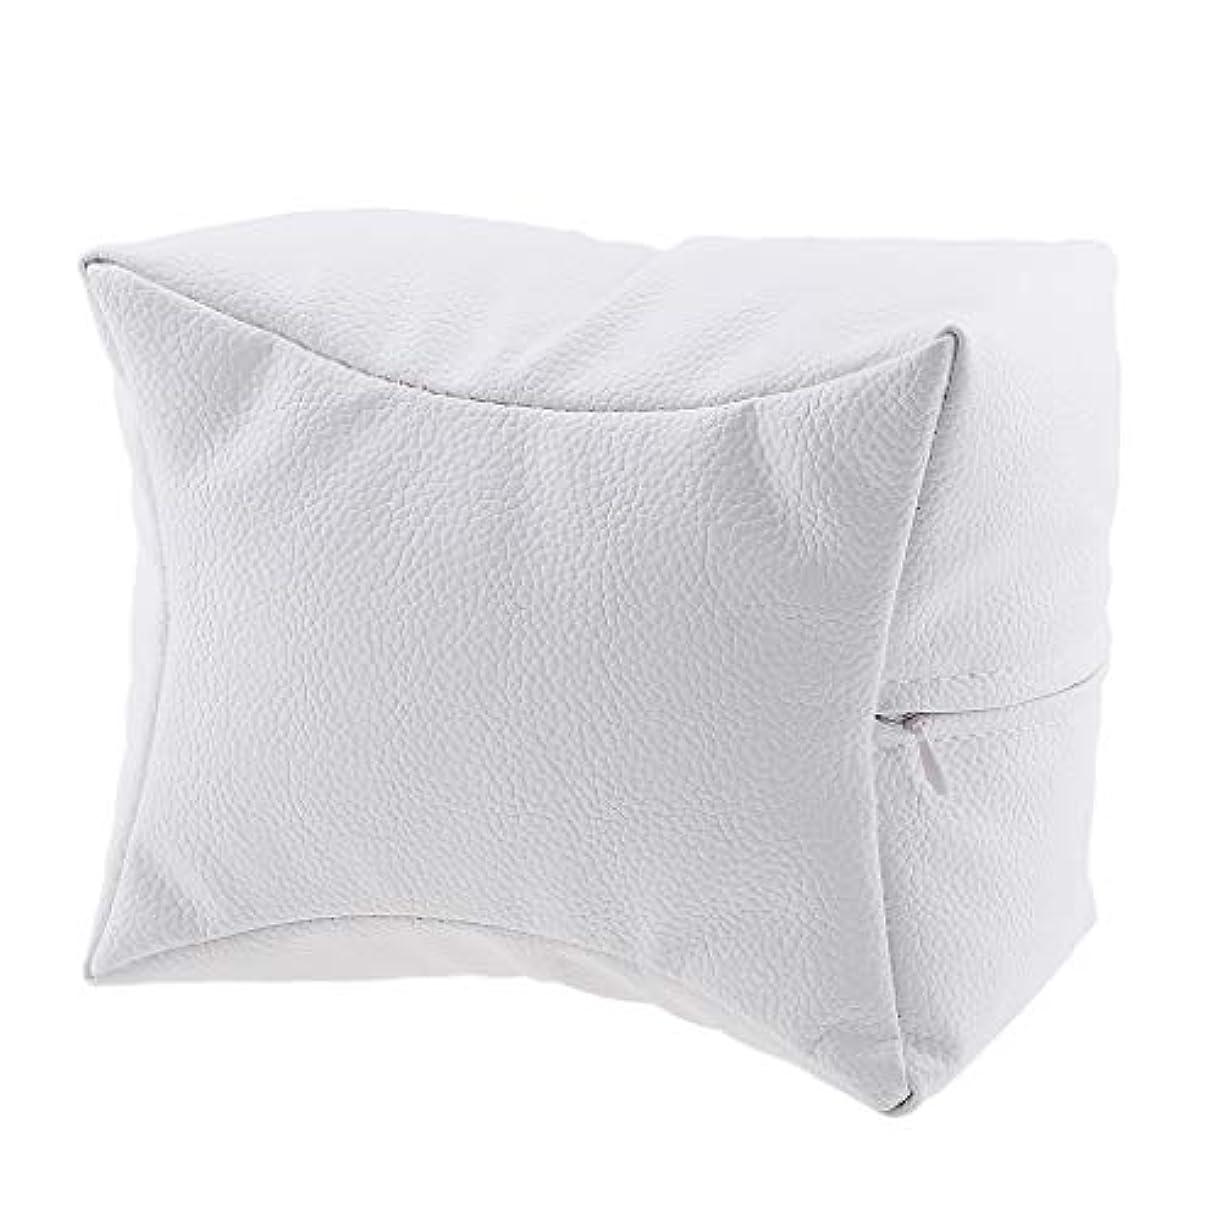 シロクマ気質湾P Prettyia ネイルハンドピロー プロ ネイルサロン 手枕 レストピロー ネイルケア 4色選べ - 白